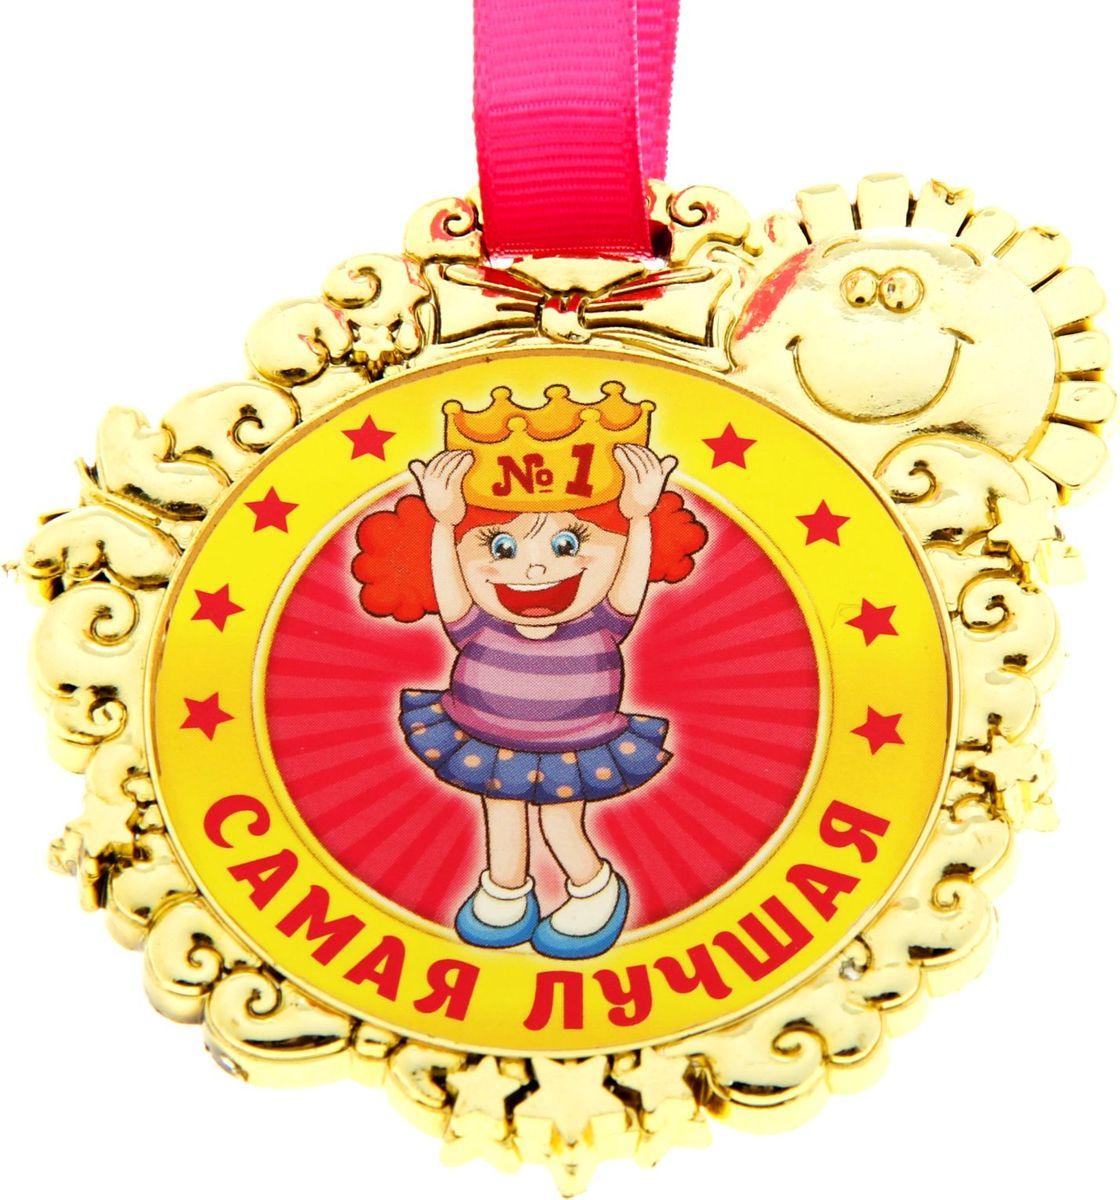 Медаль сувенирная Самая лучшая, 6,5 х 6,7 см837428Красочная медаль в золотом цвете для награждение как самих детишек так и их воспитателей во время проведения конкурсов, утренников, открытых занятий с участием родственников малышей. Медаль изготовлена из пластика, с изображением солнца. Медаль идет в комплекте с яркой лентой. Продается на яркой подложке.